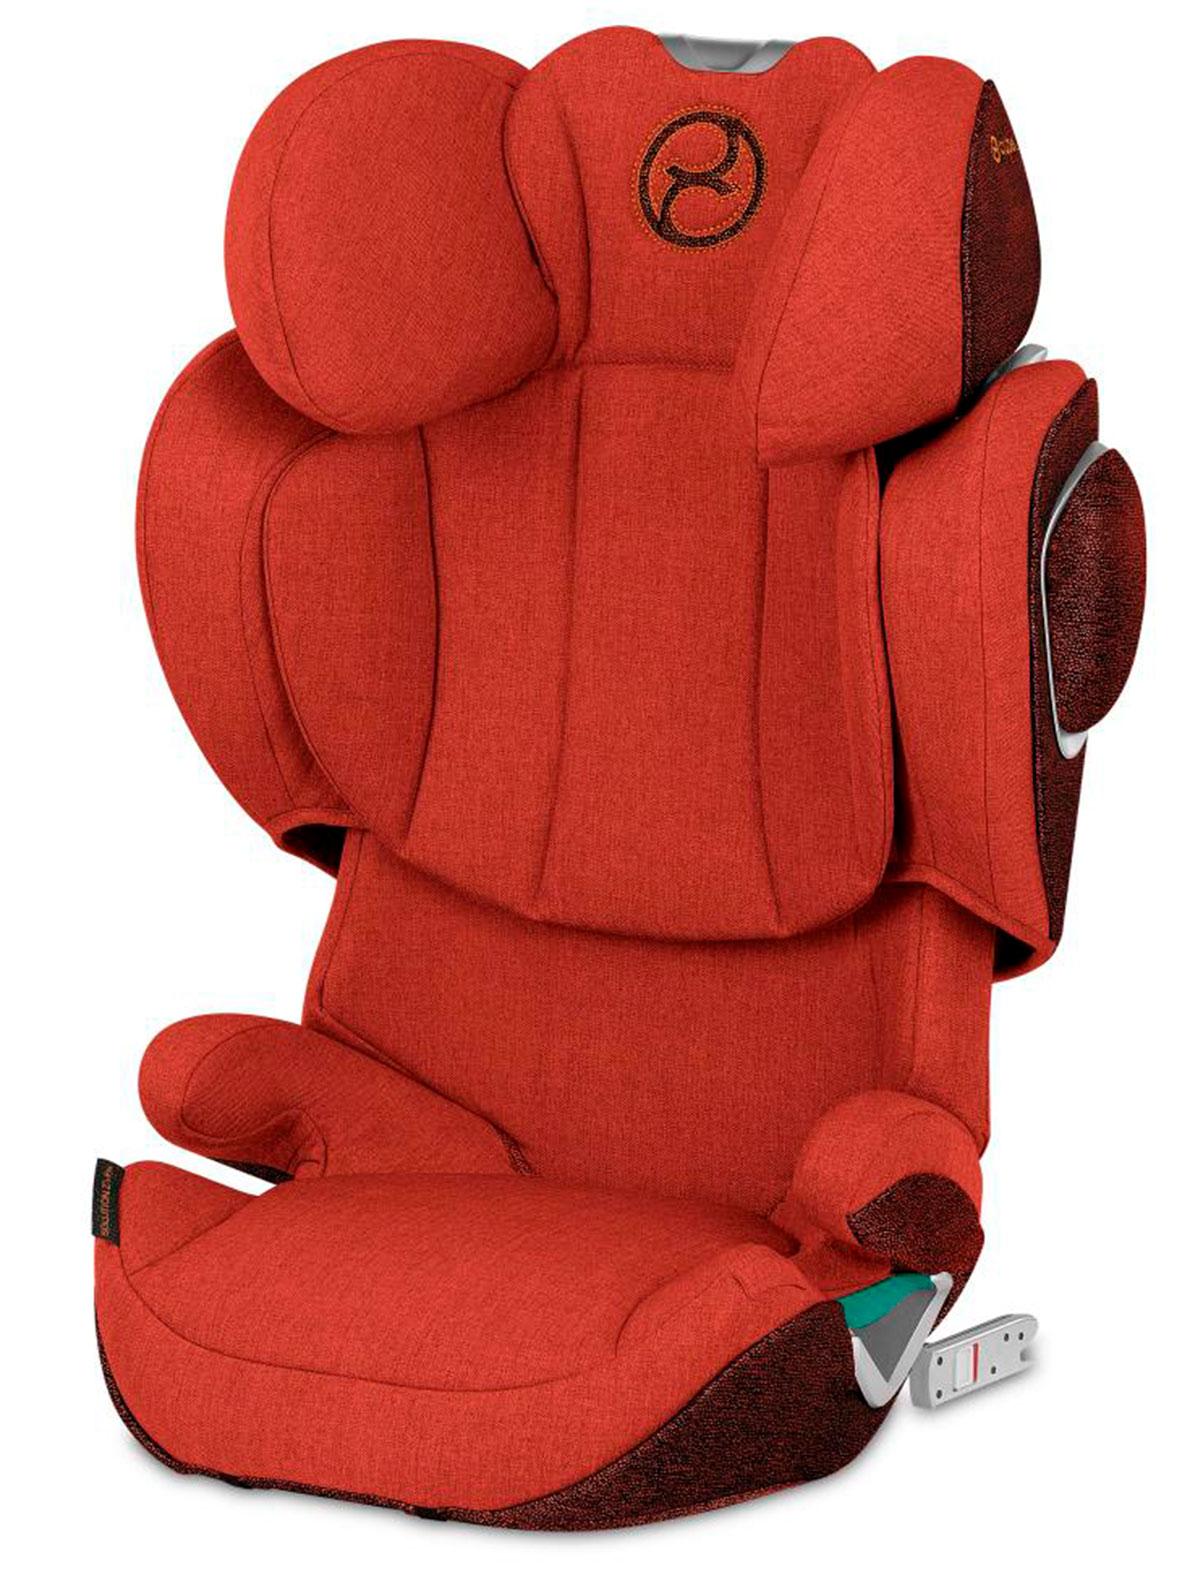 Купить 2273114, Автокресло CYBEX, оранжевый, 3994528170239